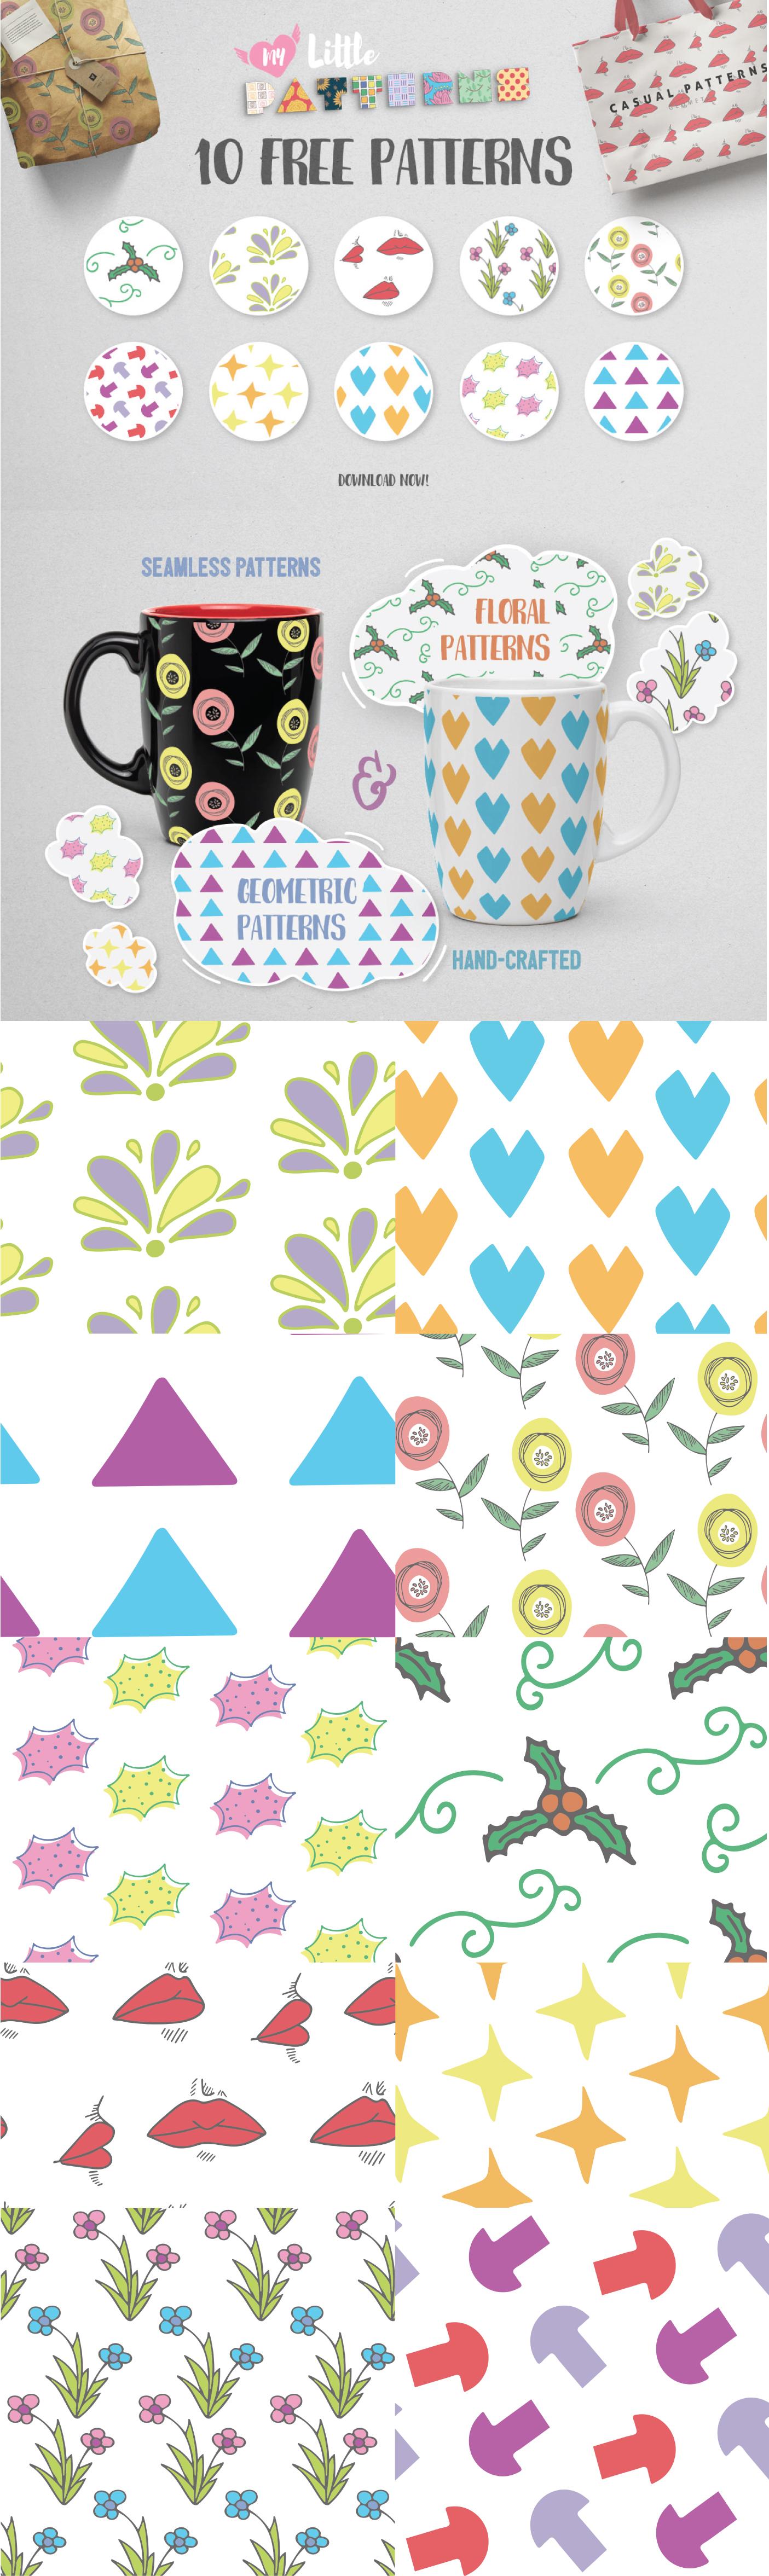 My-Little-Patterns-Long.jpg